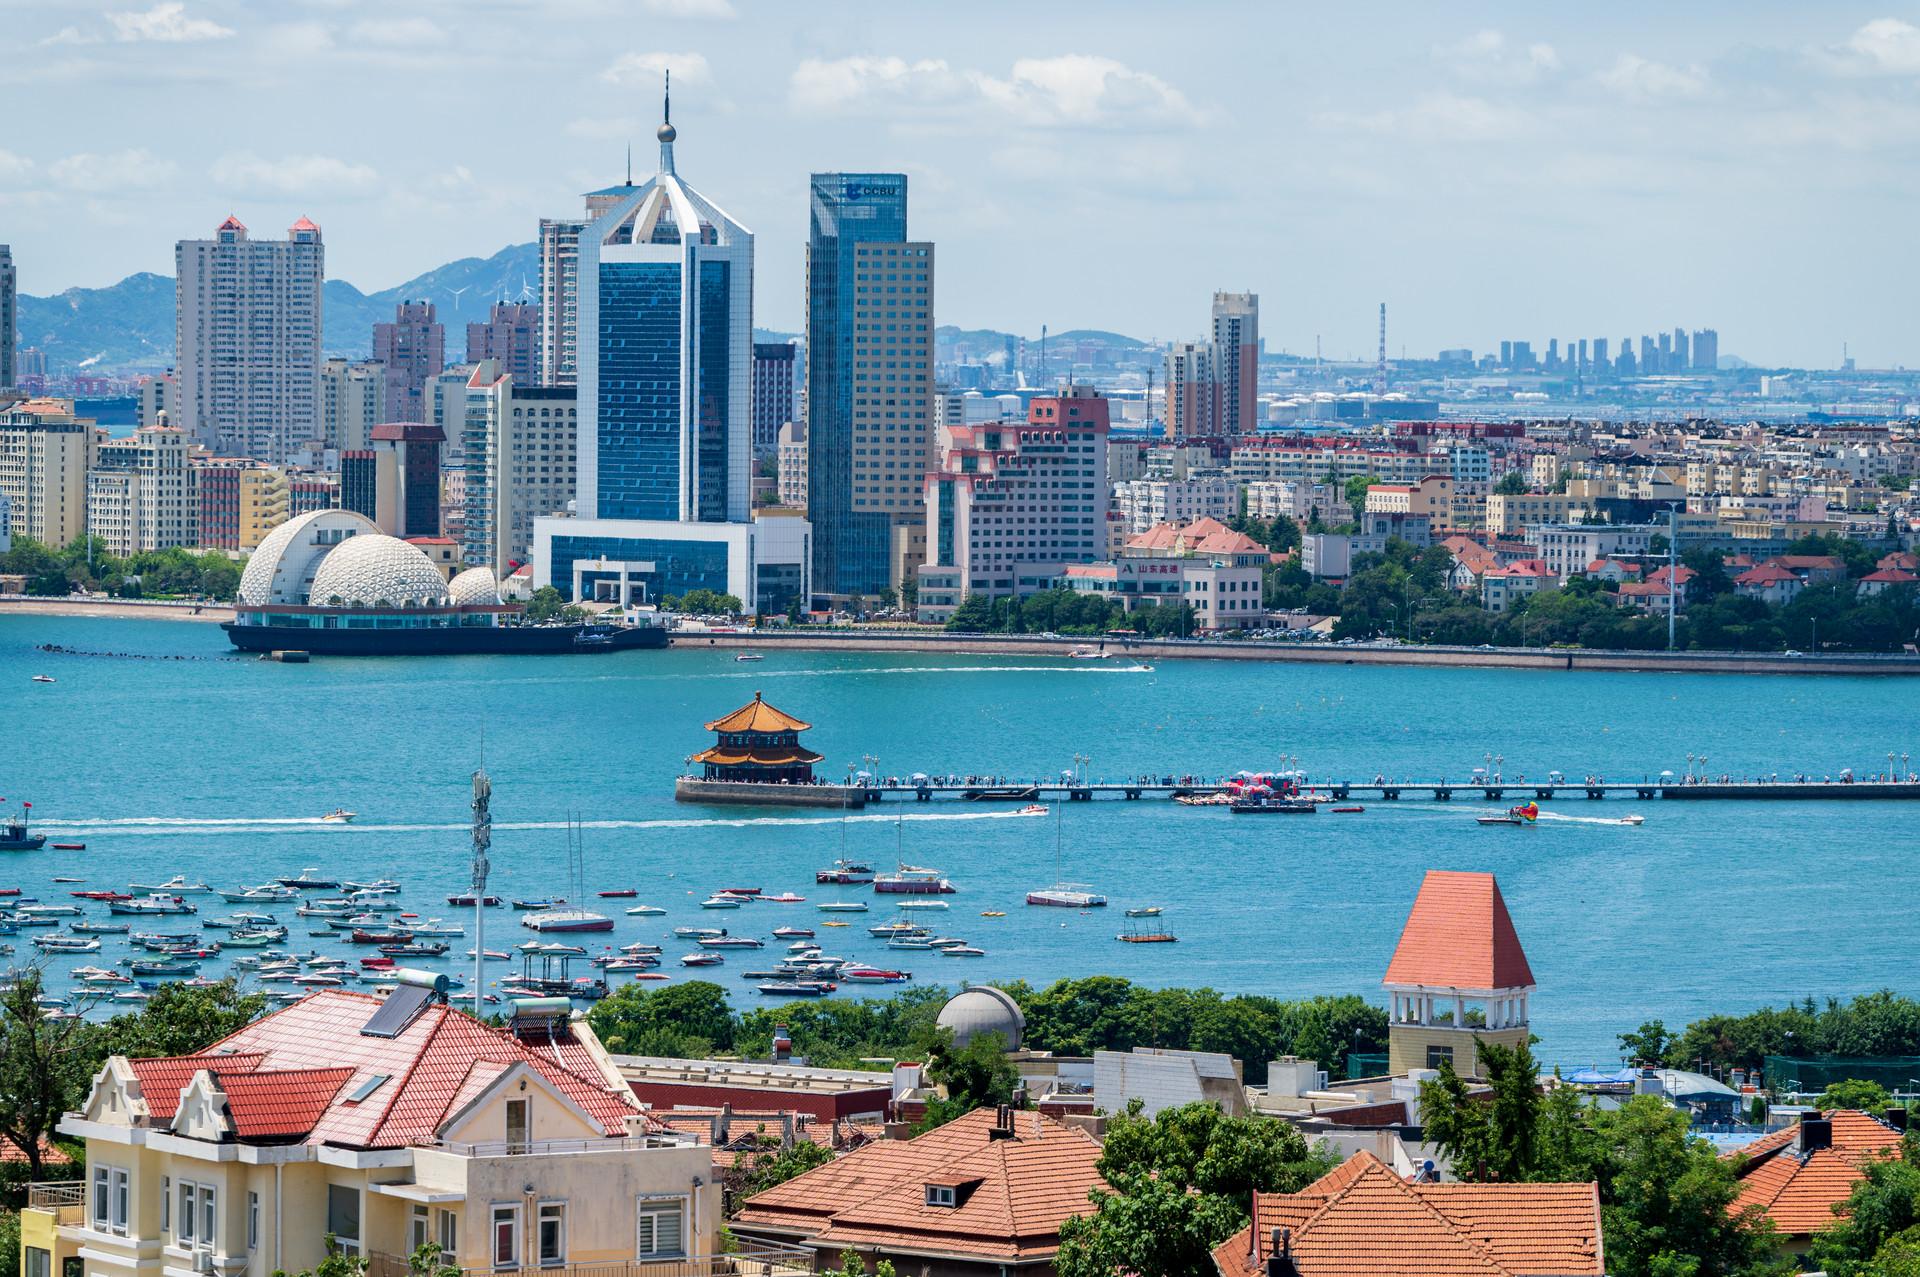 未经许可经营旅行社要严查!青岛开展为期7个月的专项整治行动